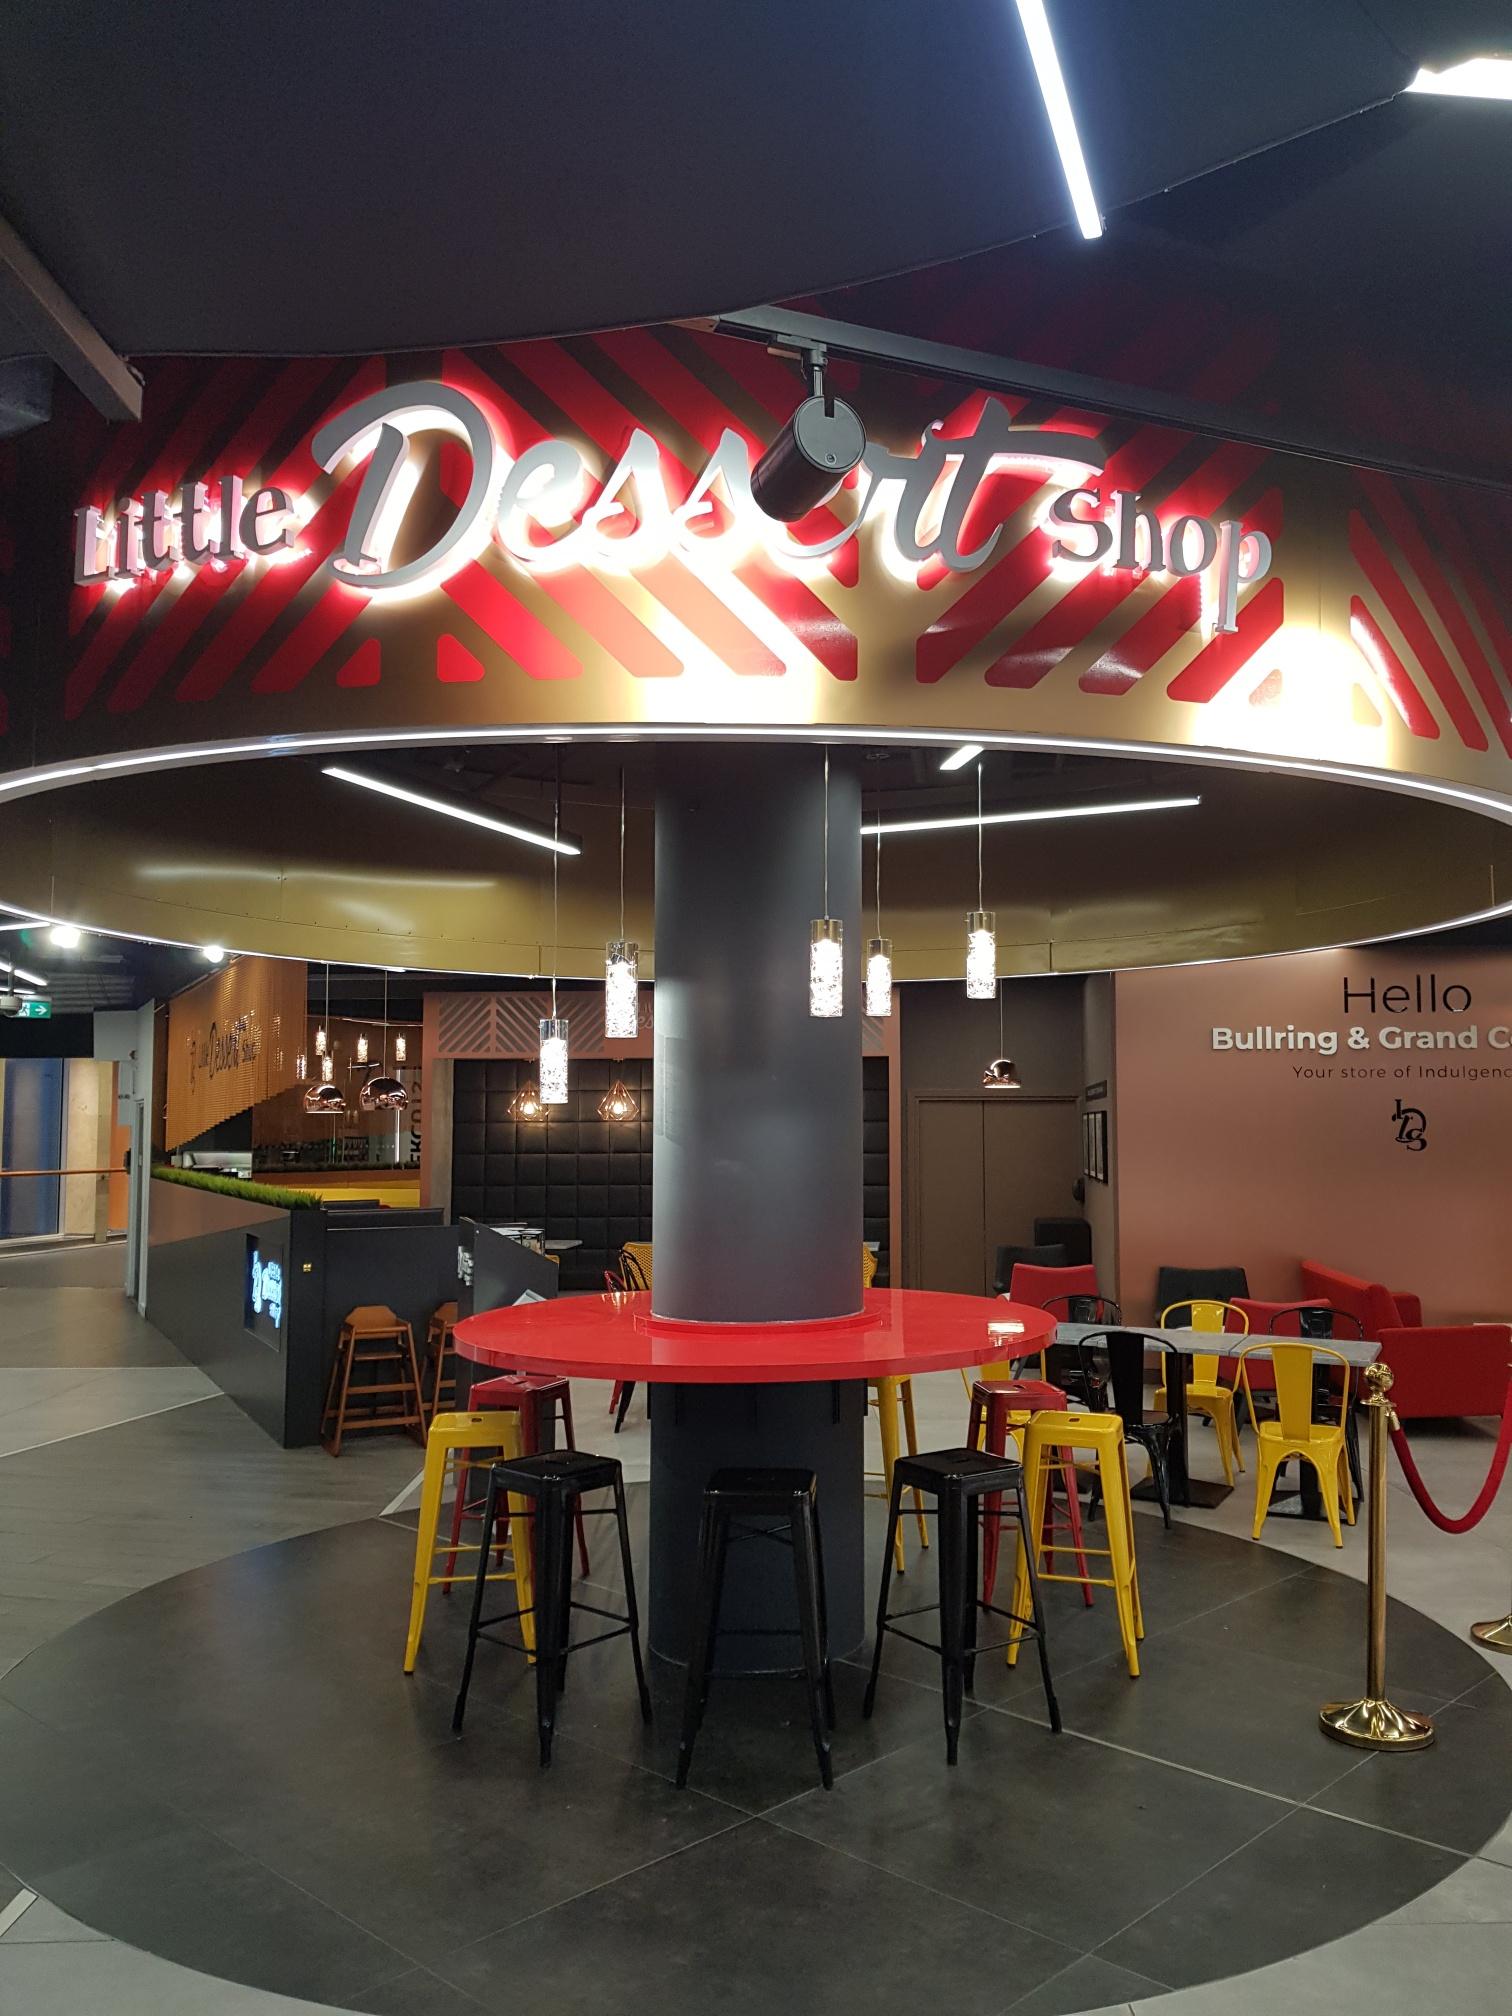 The Little Dessert Shop 8